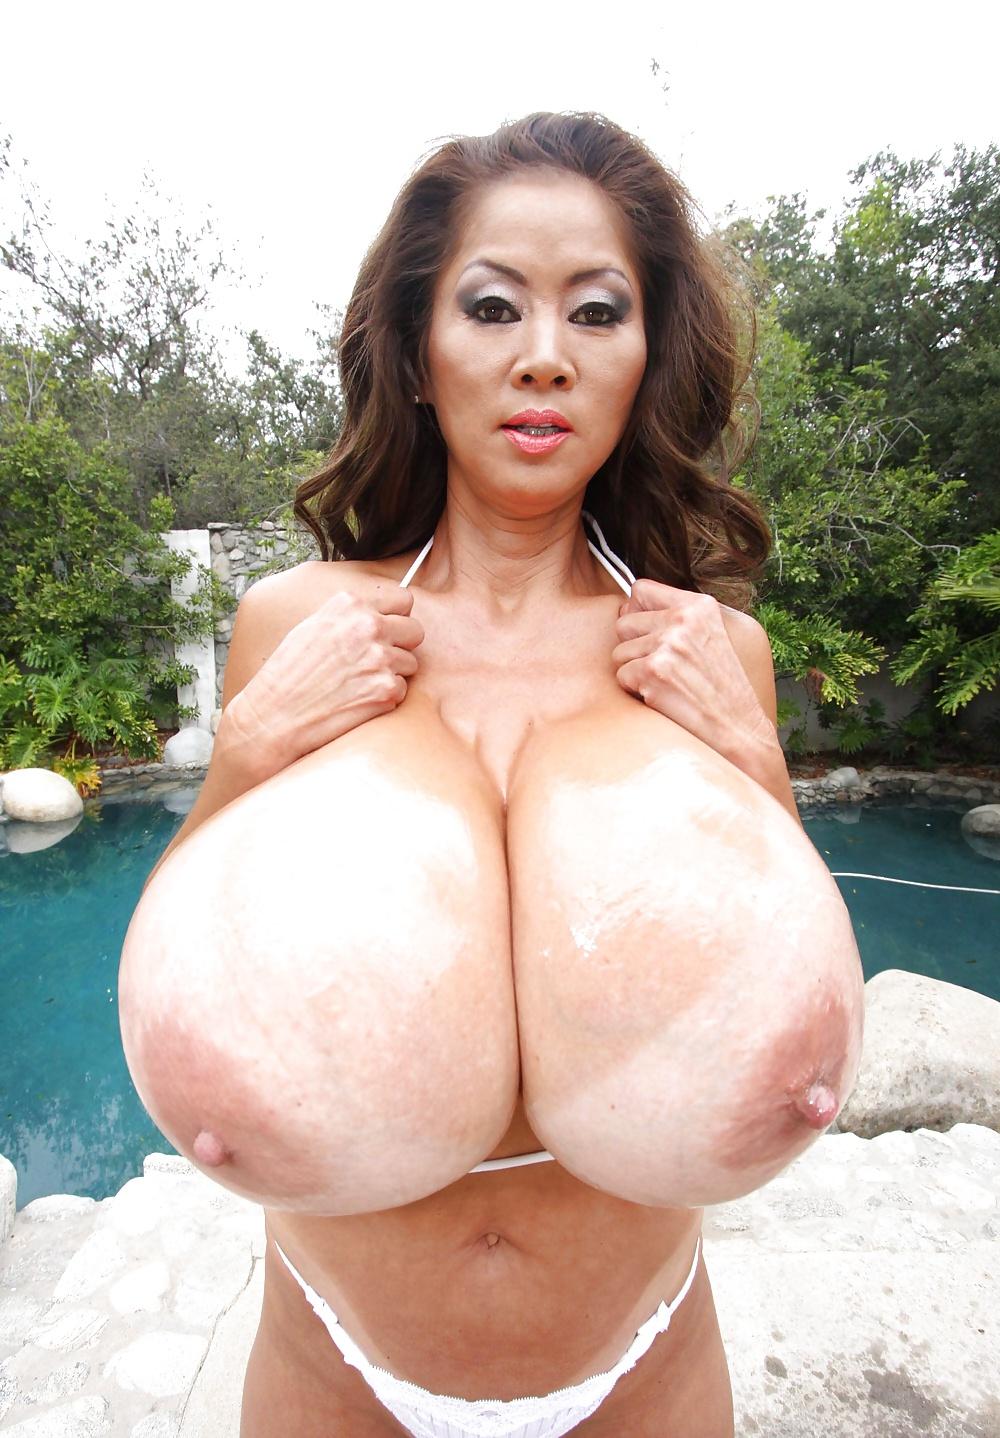 Big Fake Boobs Asian